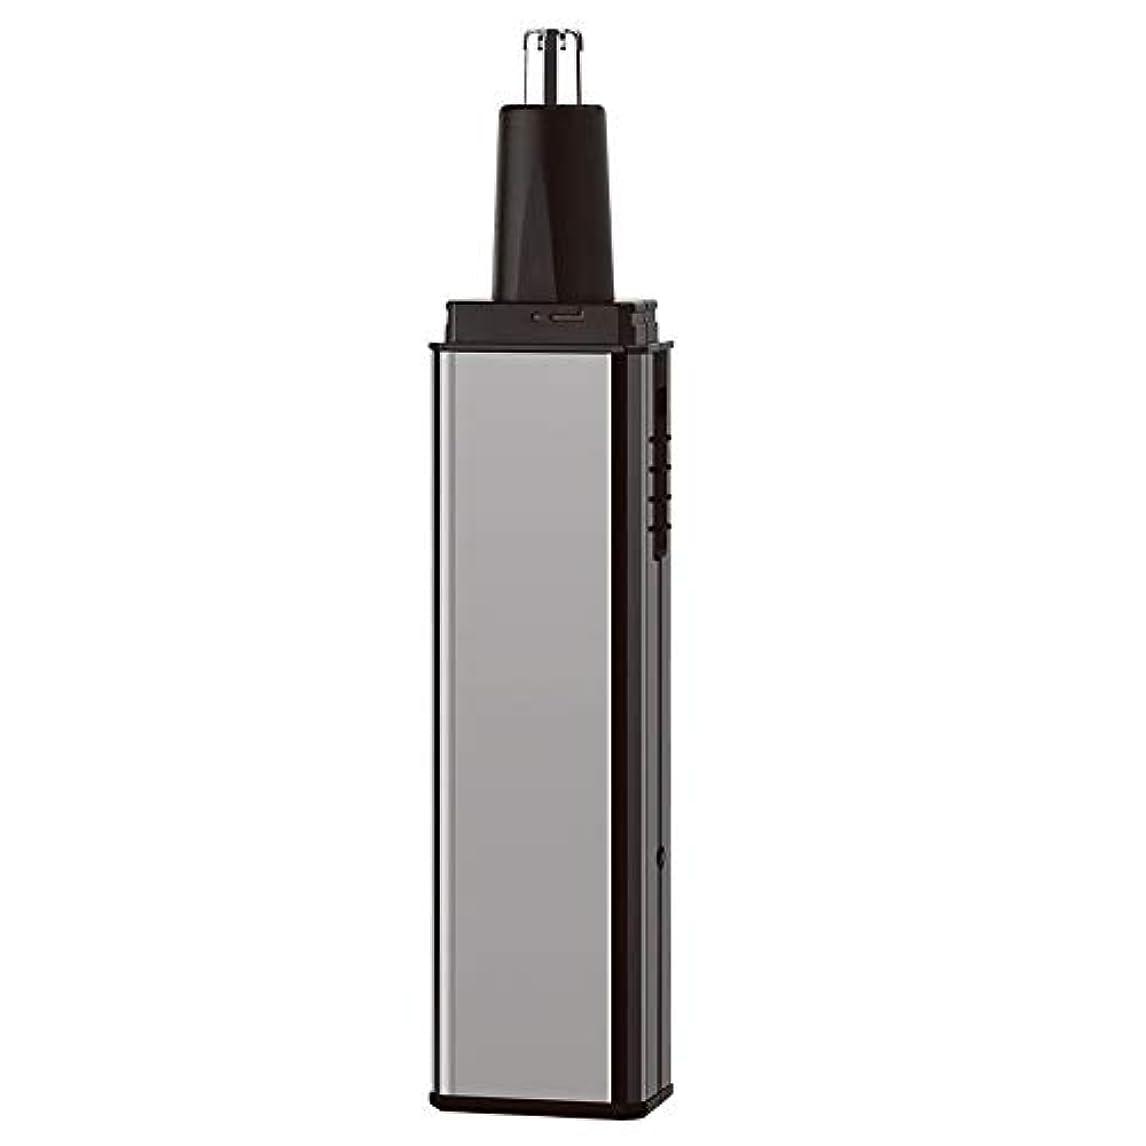 野な不完全克服する鼻毛トリマー-多機能スーツフォーインワン/電気鼻毛トリマー/ステンレススチール/多機能/ 13.5 * 2.7cm 持つ価値があります